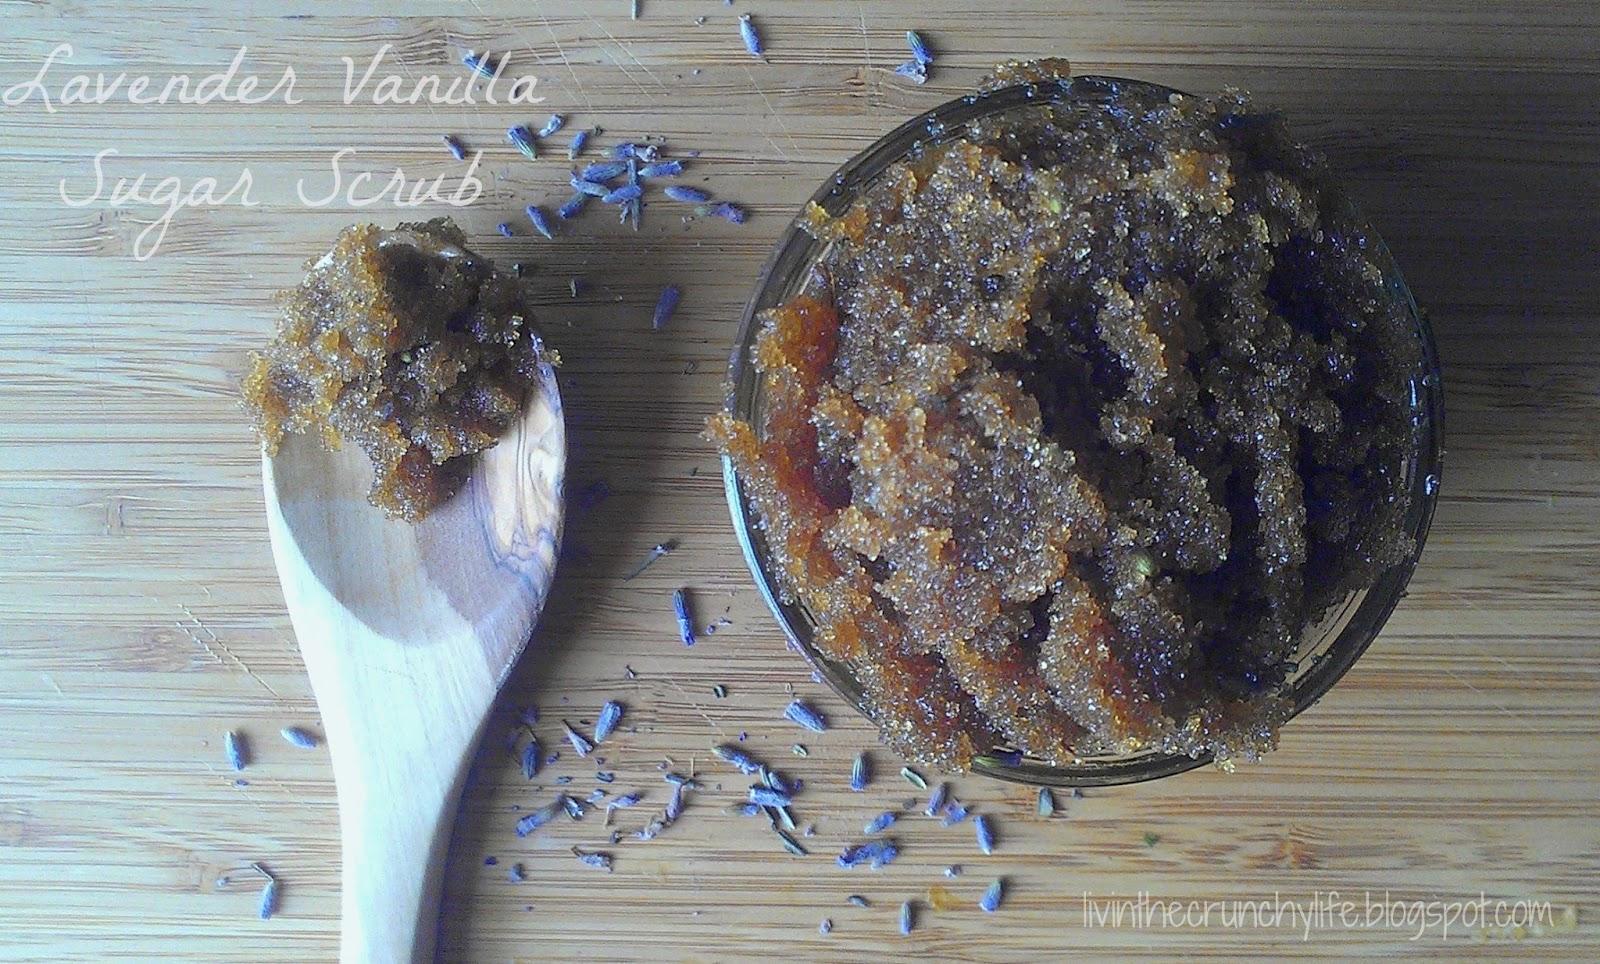 Vanilla Sugar And Lavender Popovers Recipes — Dishmaps